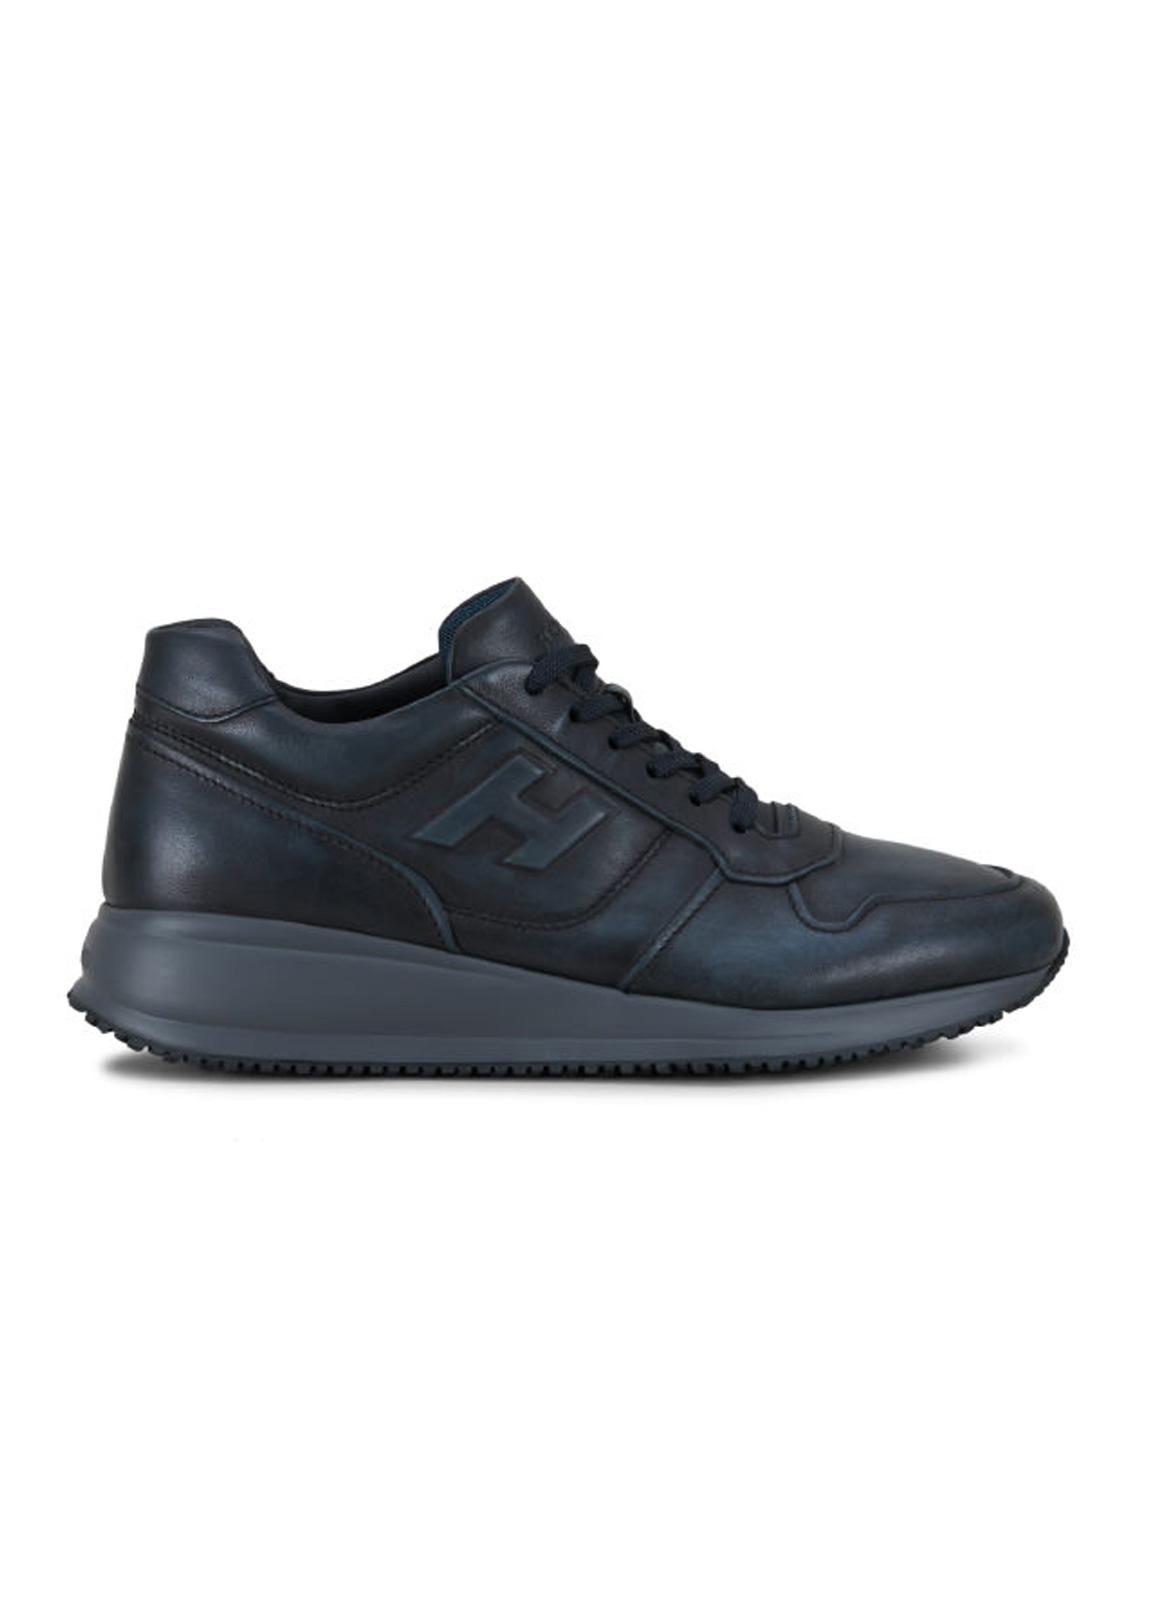 Calzado sport INTERACTIVE-N20 color azul. Piel con costuras a la vista.